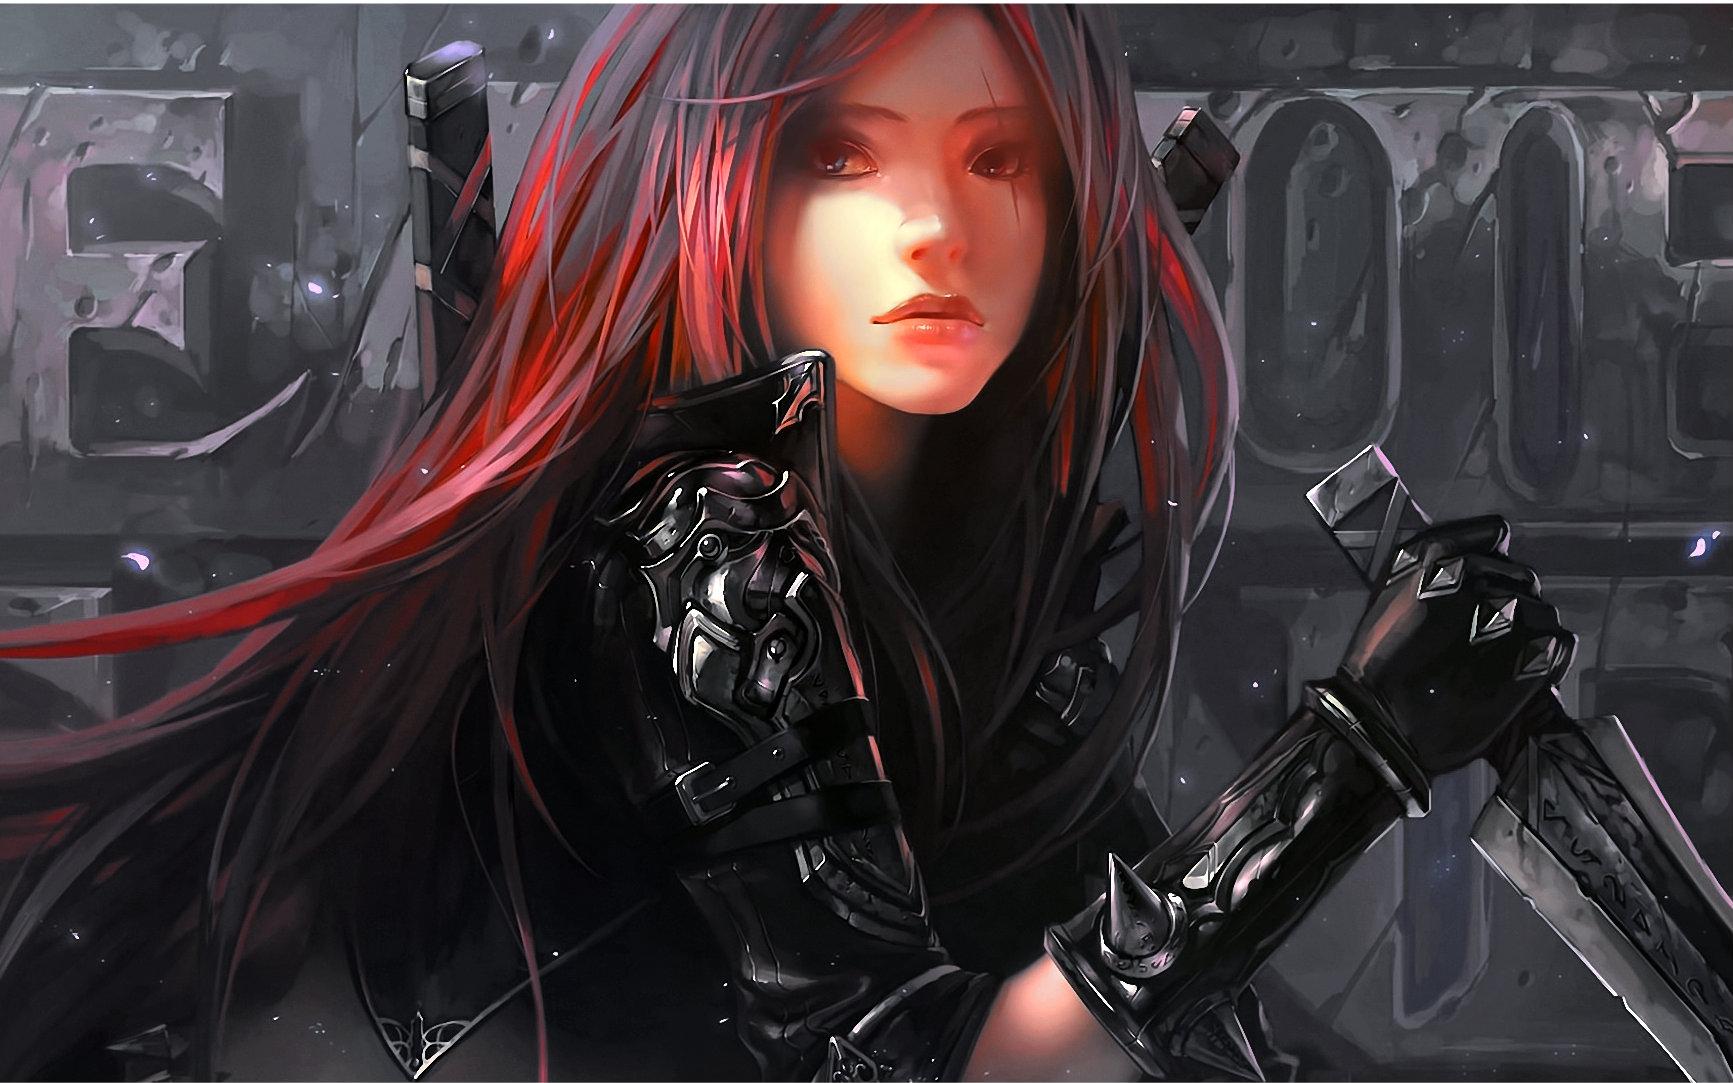 有英雄联盟的女英雄死亡图和动漫女人死亡图吗?